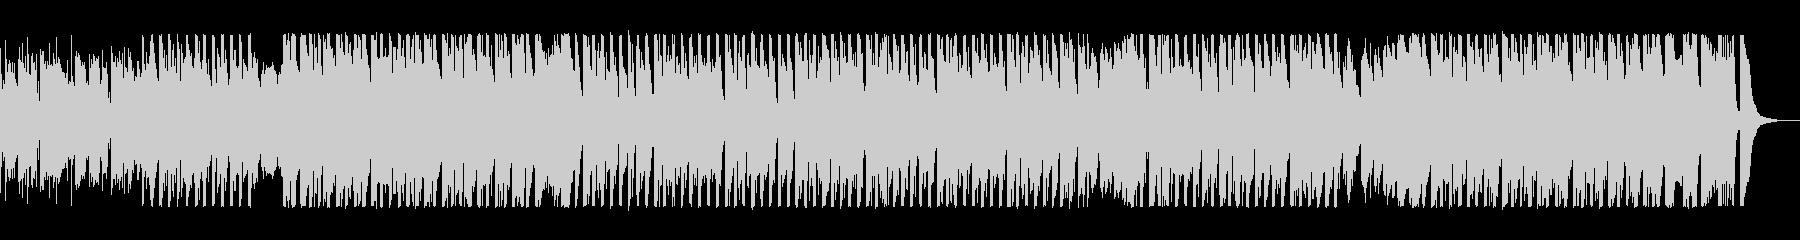 映像に合う疾走感のあるエレクトロの未再生の波形